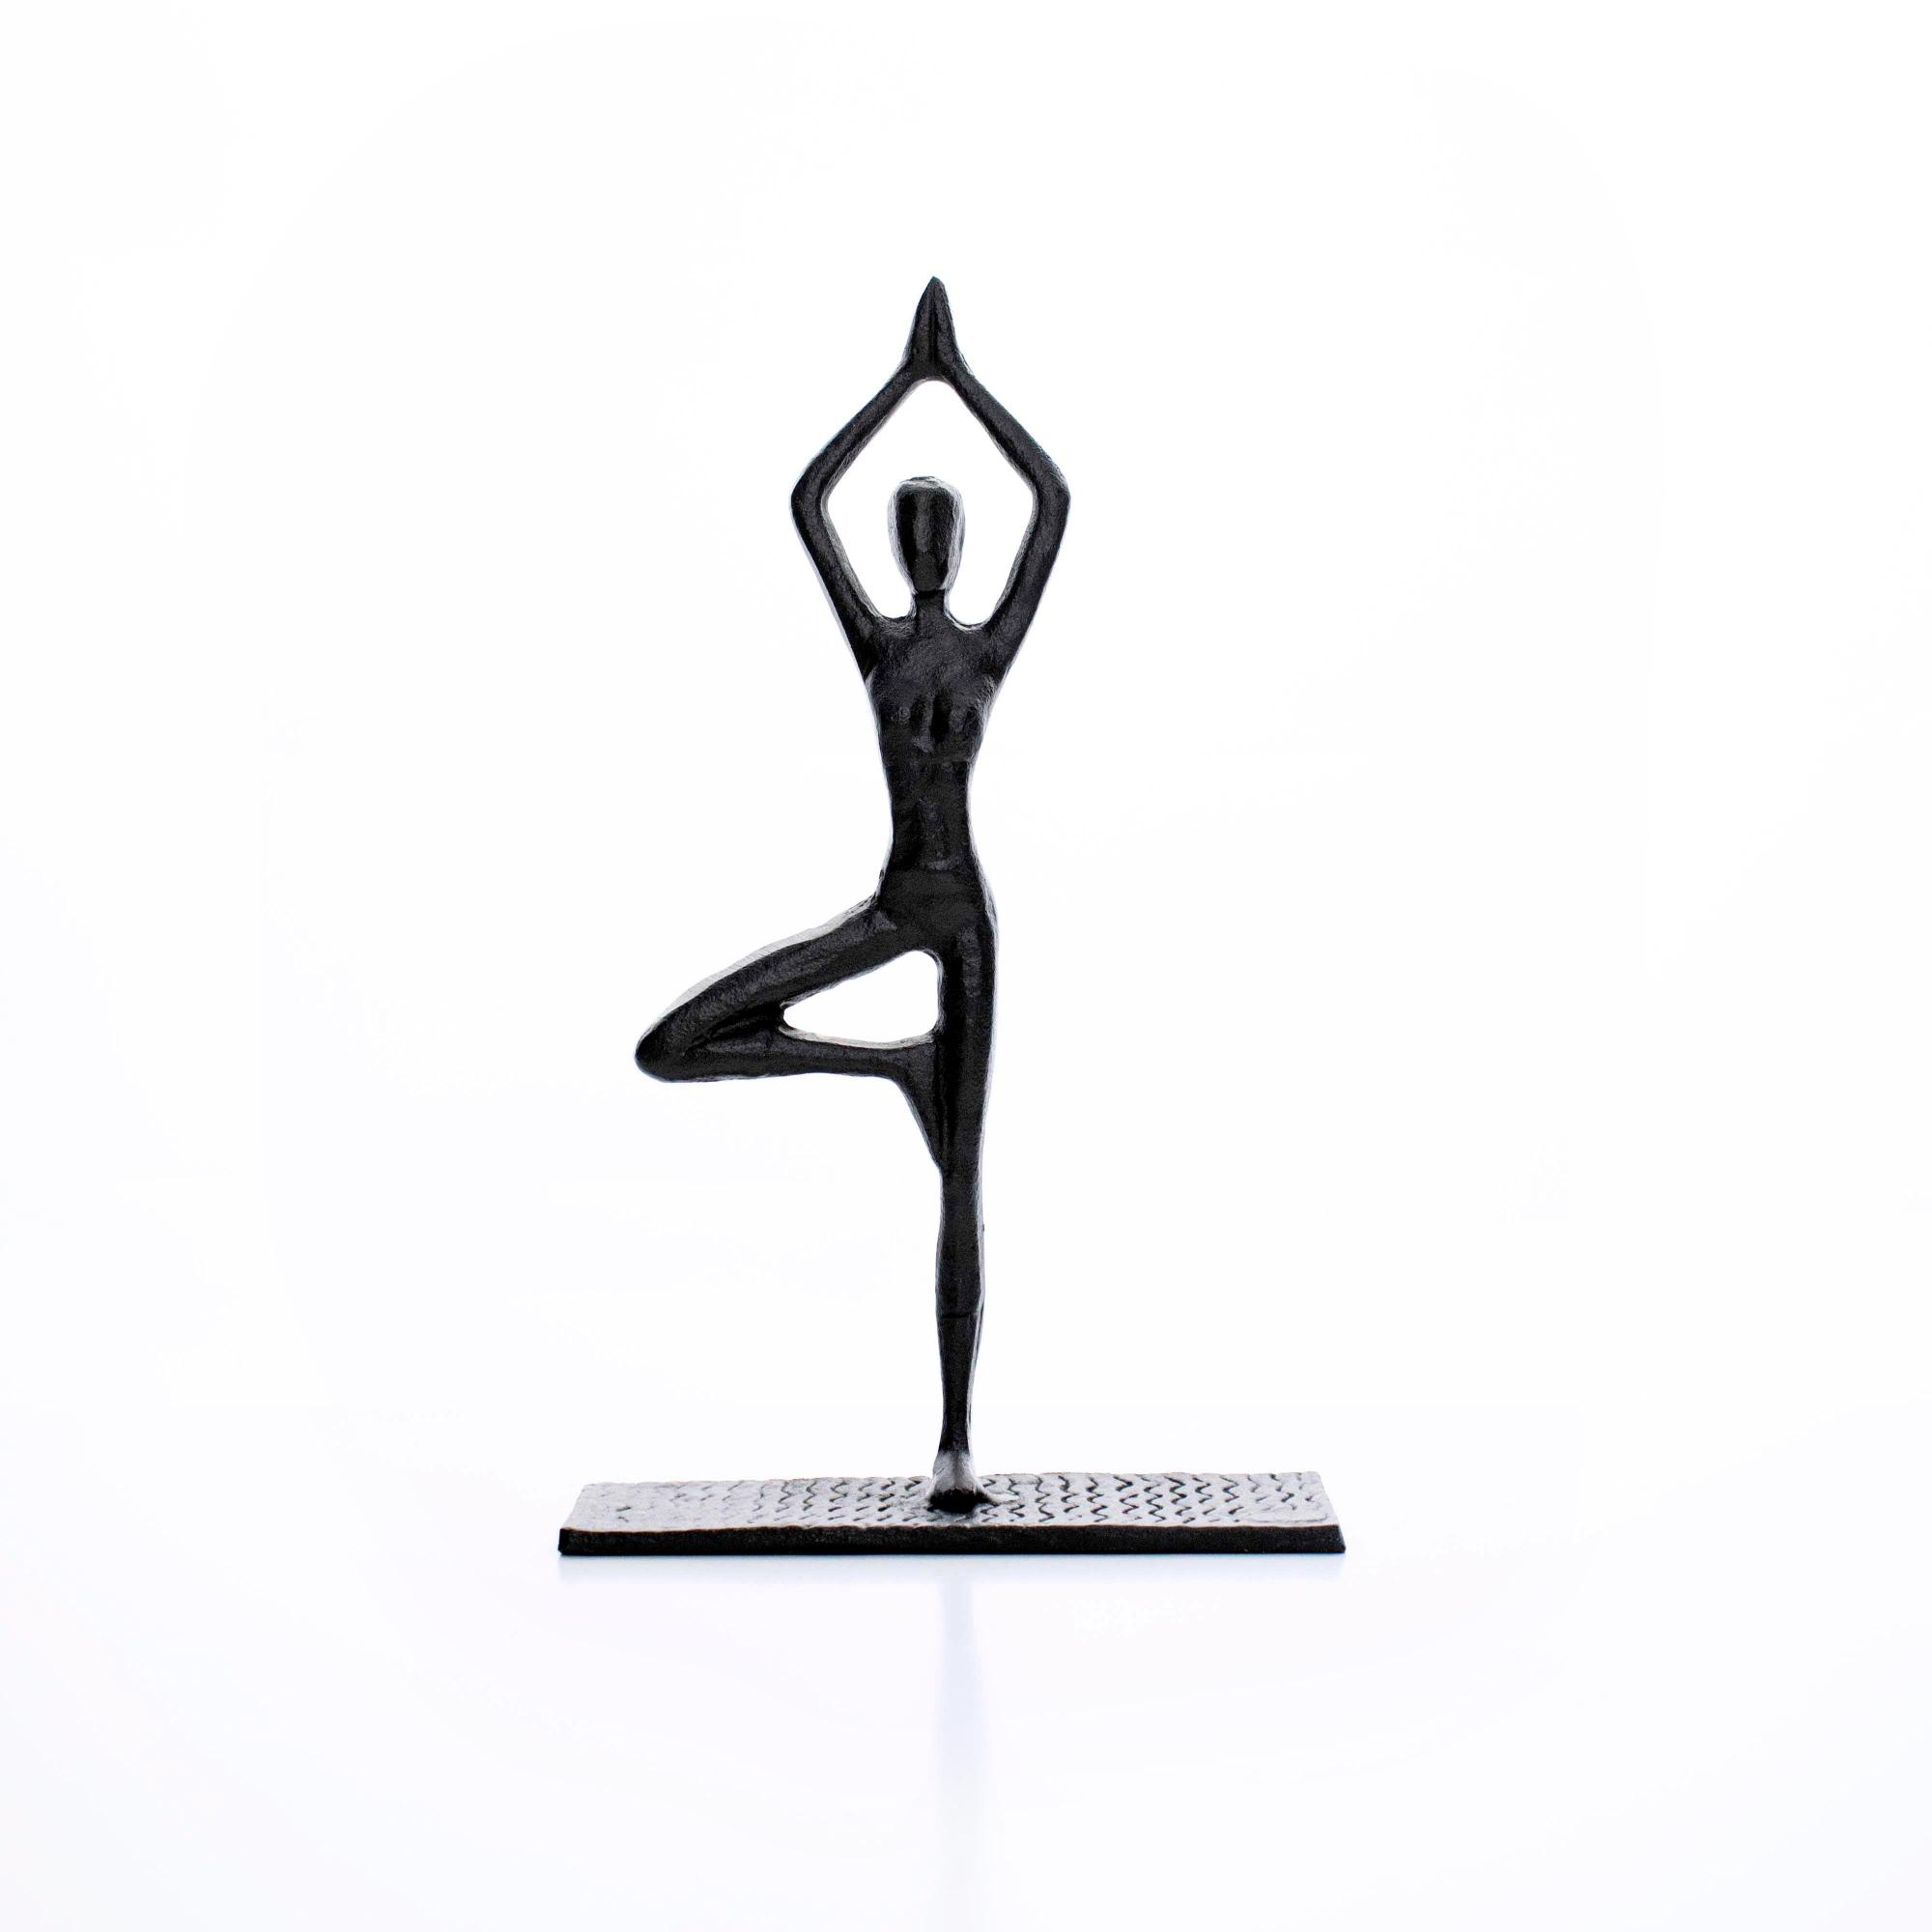 Escultura Decorativa em Metal Preto Yoga 20x12 cm - D'Rossi